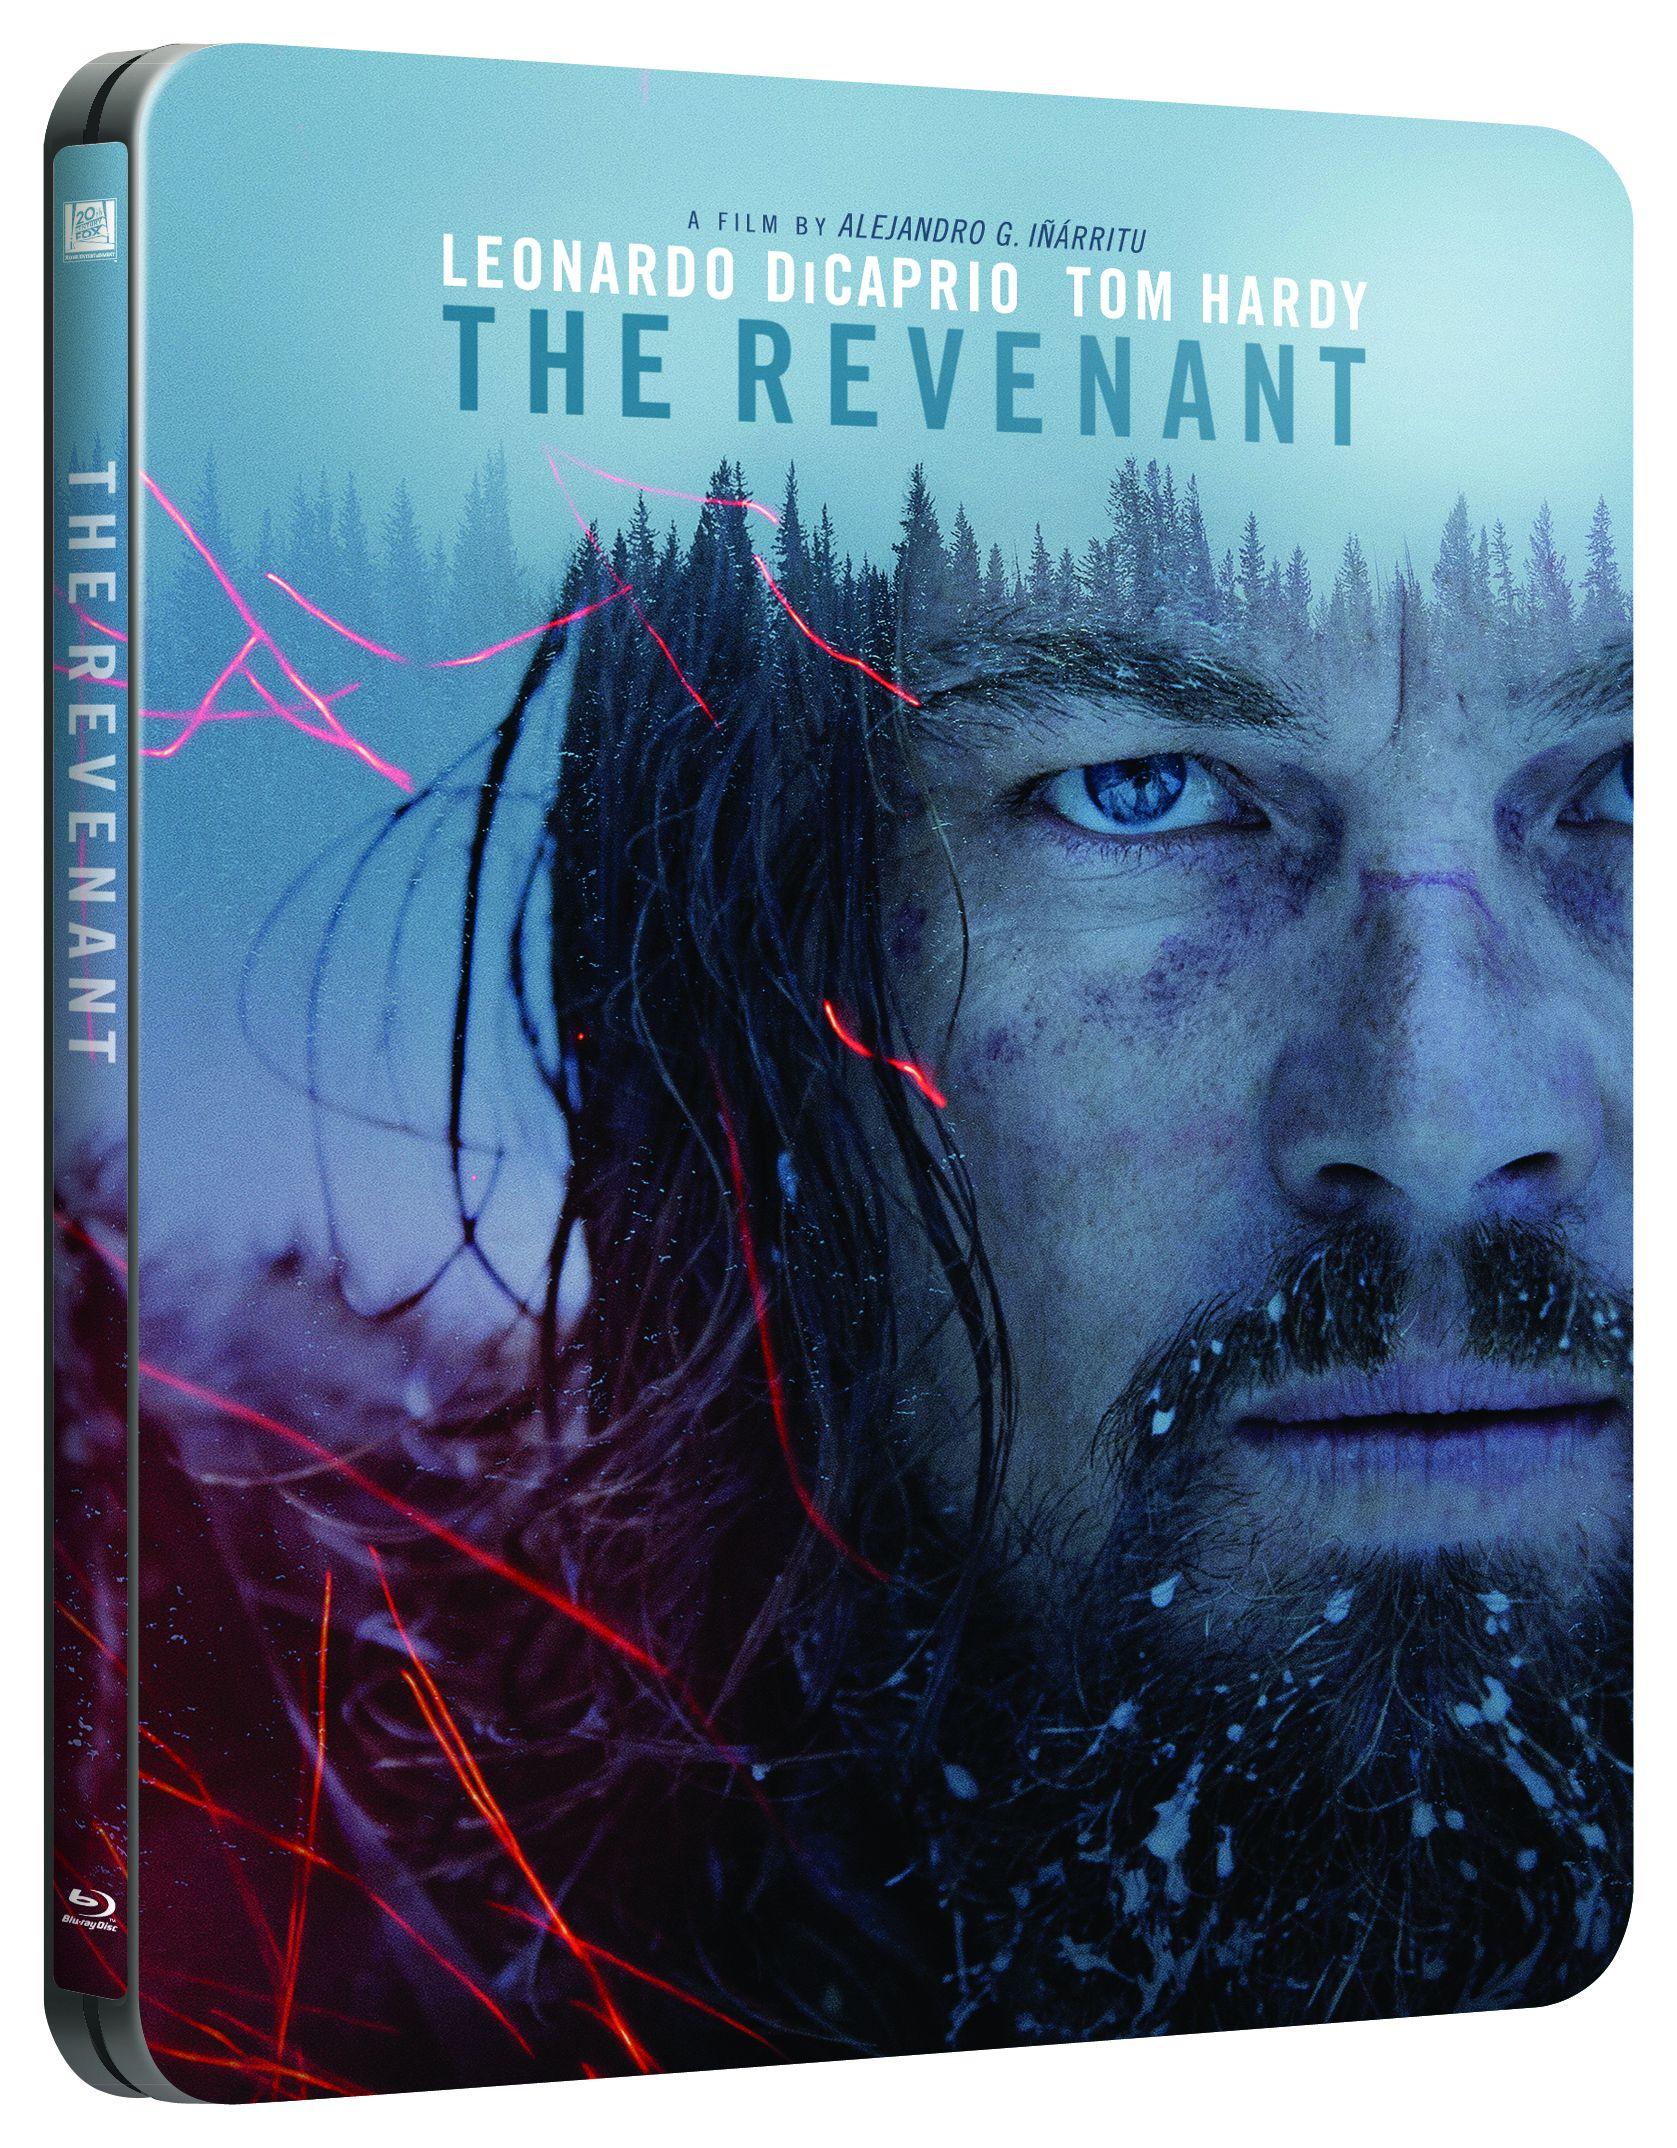 A visszatérő - Limitált fémdobozos kiadás Blu-ray